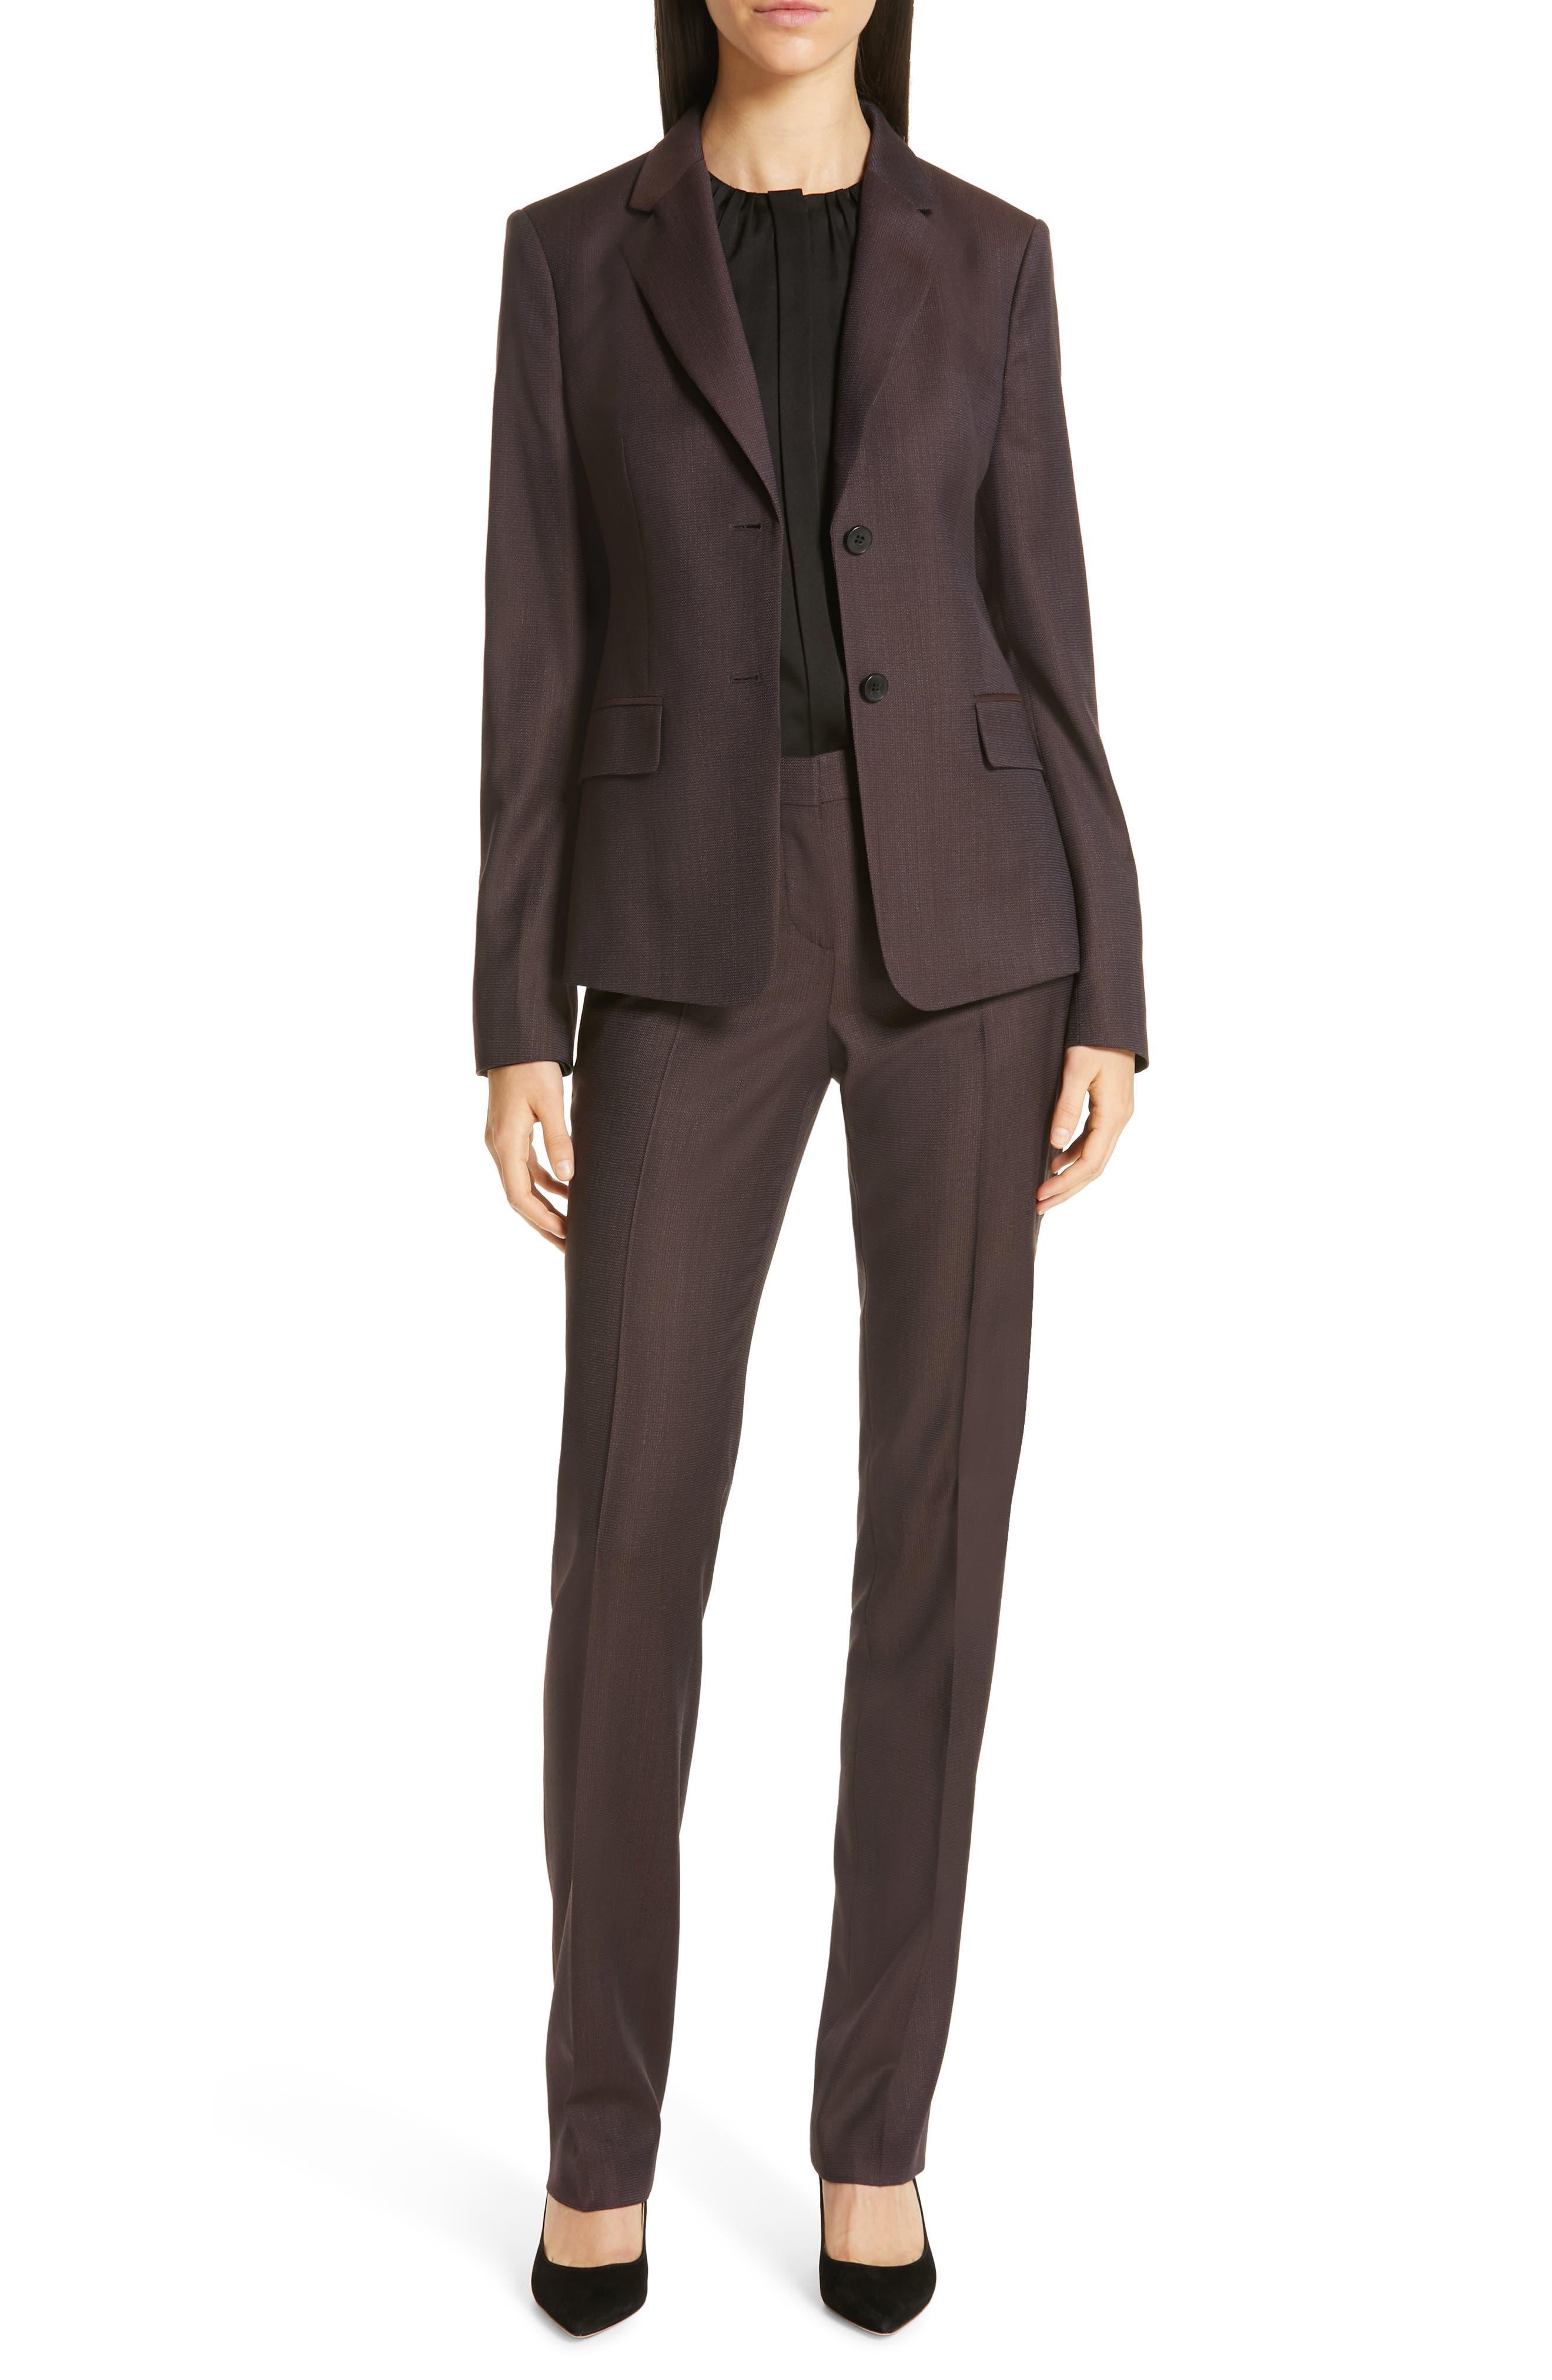 Tamea Slim Wool Suit Pants,                             Alternate thumbnail 8, color,                             DARK BERRY FANTASY